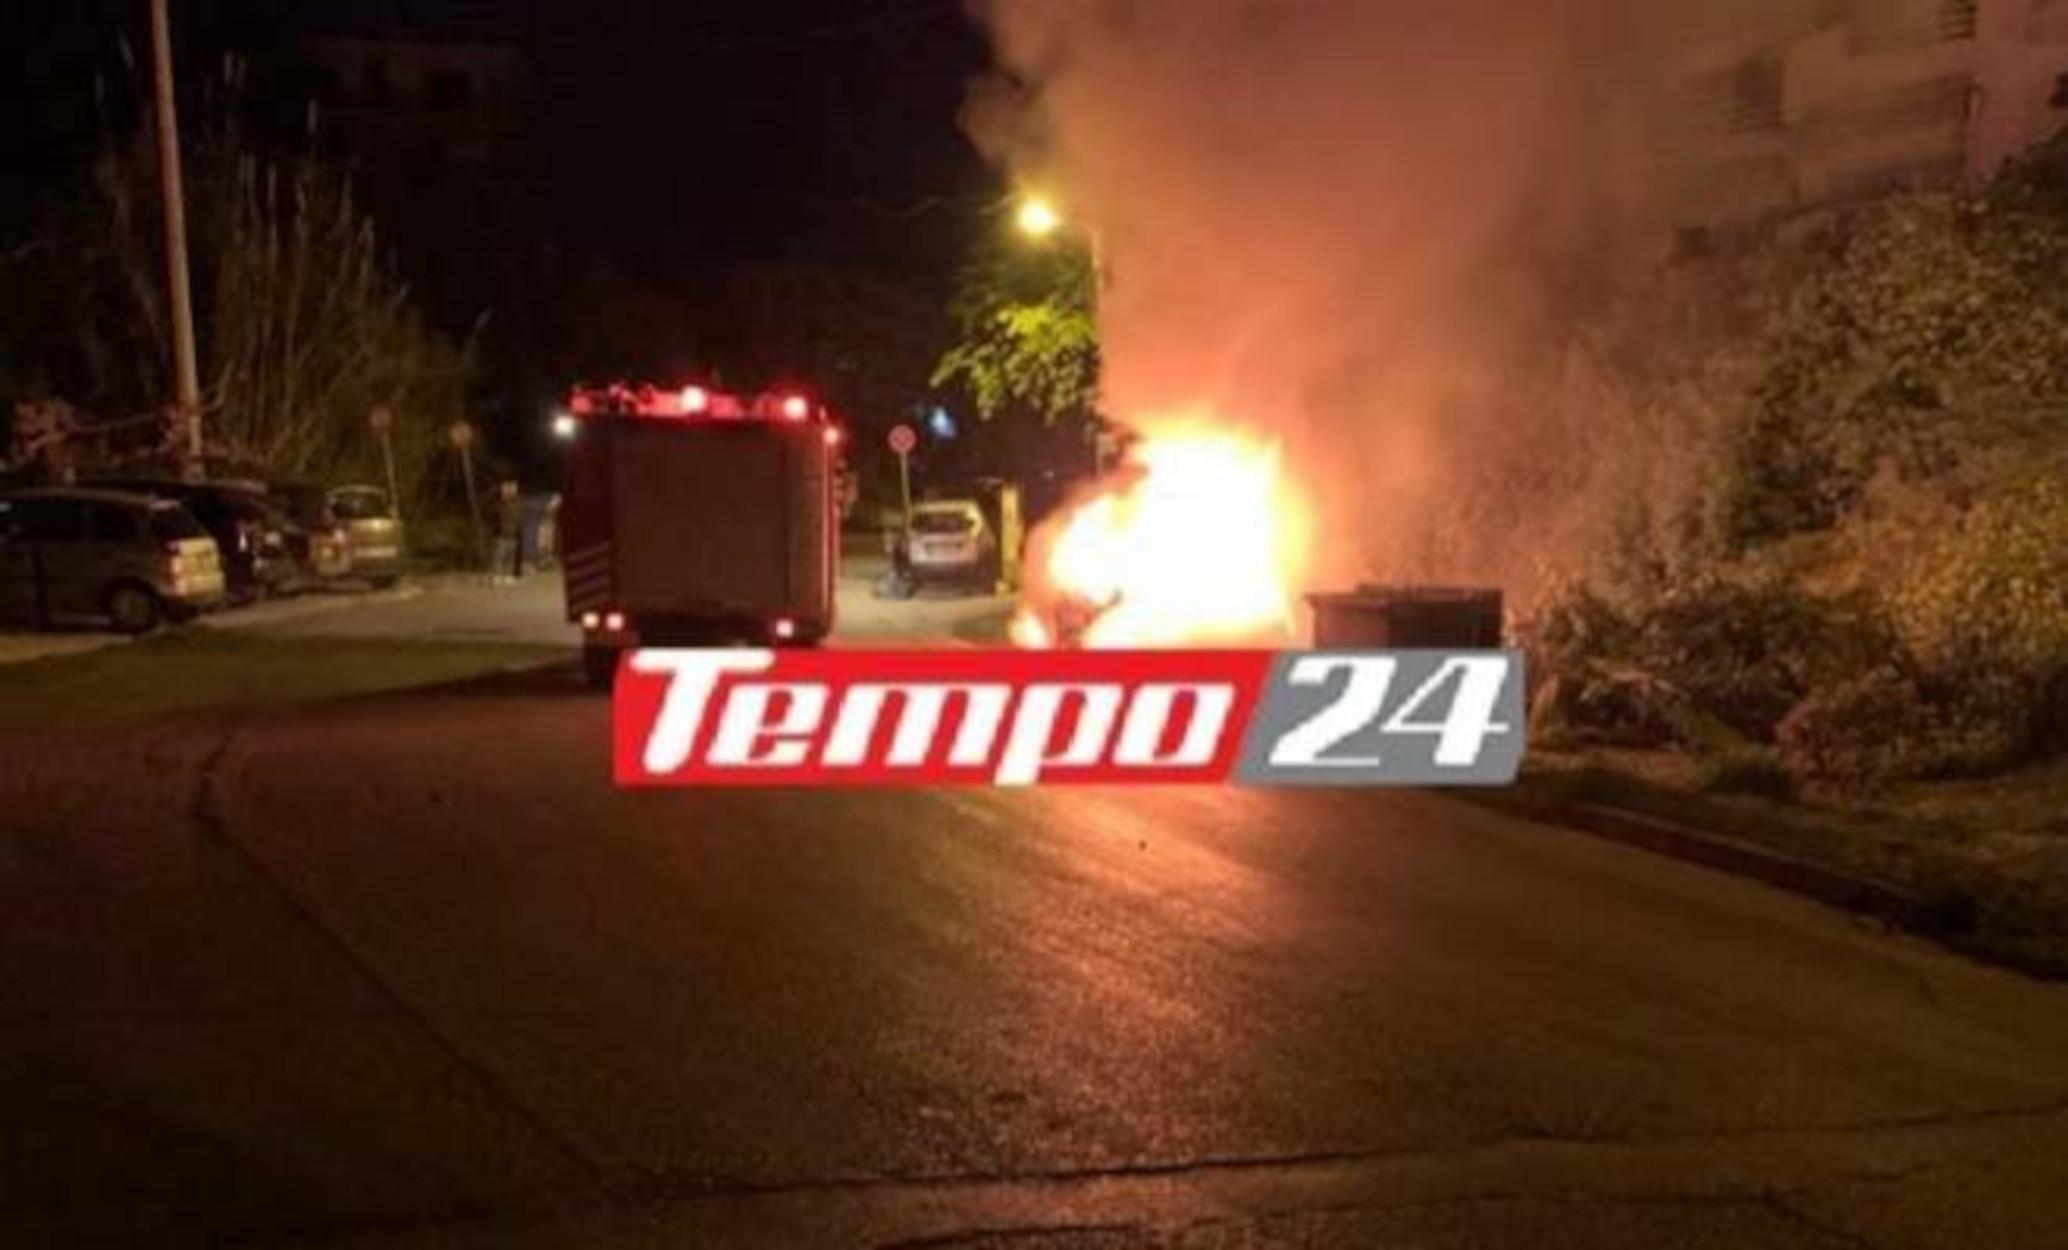 Πάτρα: Φωτιά σε αυτοκίνητο επιχειρηματία – Η δεύτερη σε Ι.Χ σε ένα 24ωρο (video)